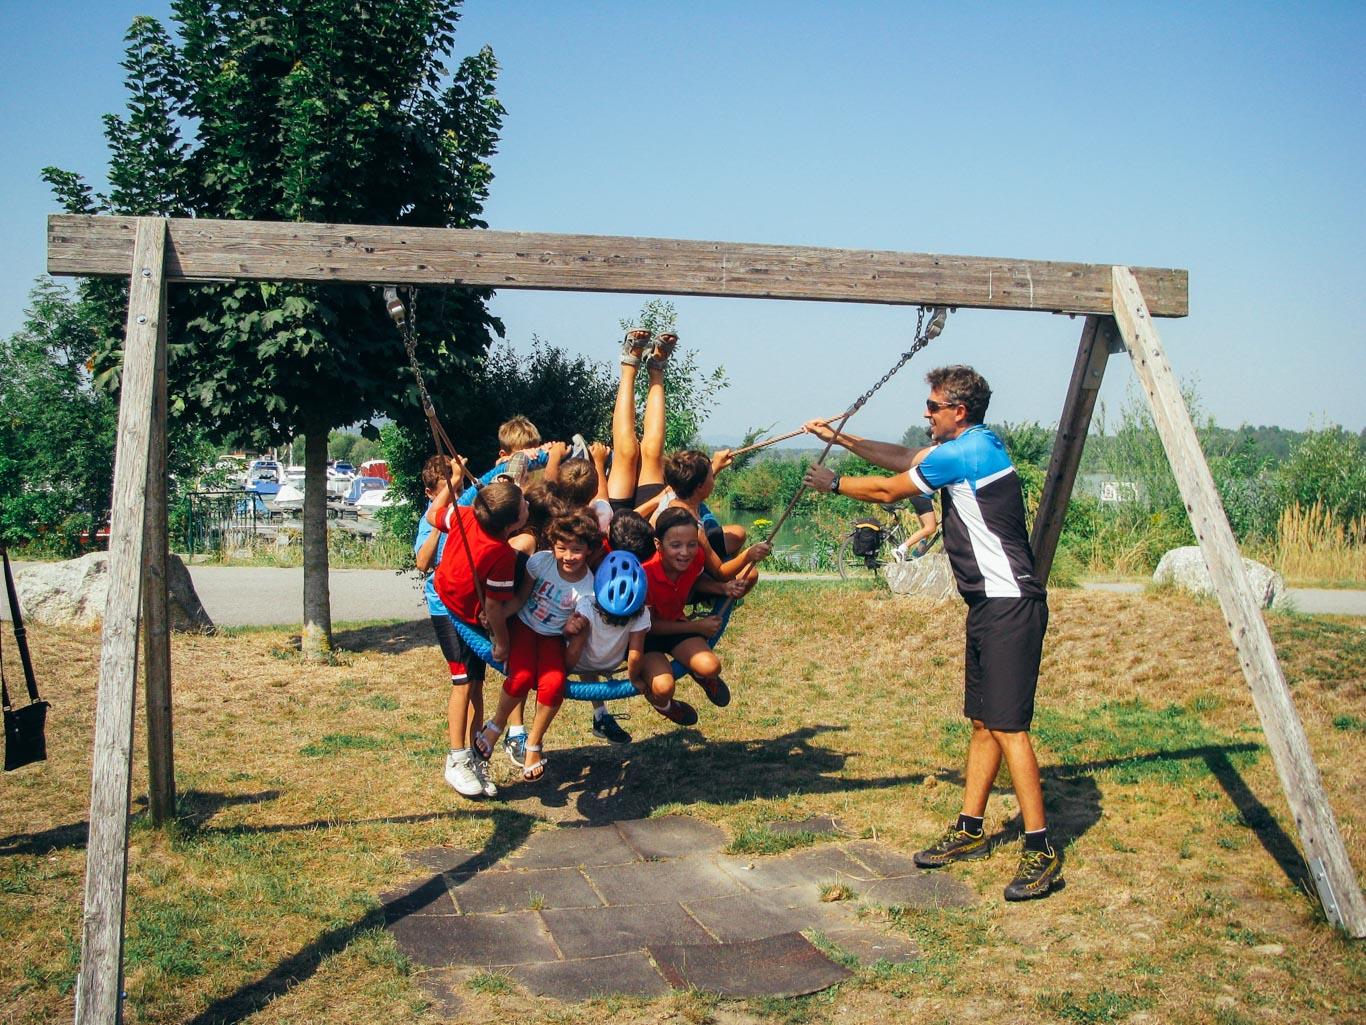 Vacanza in bici per bambini in gruppo di famiglie